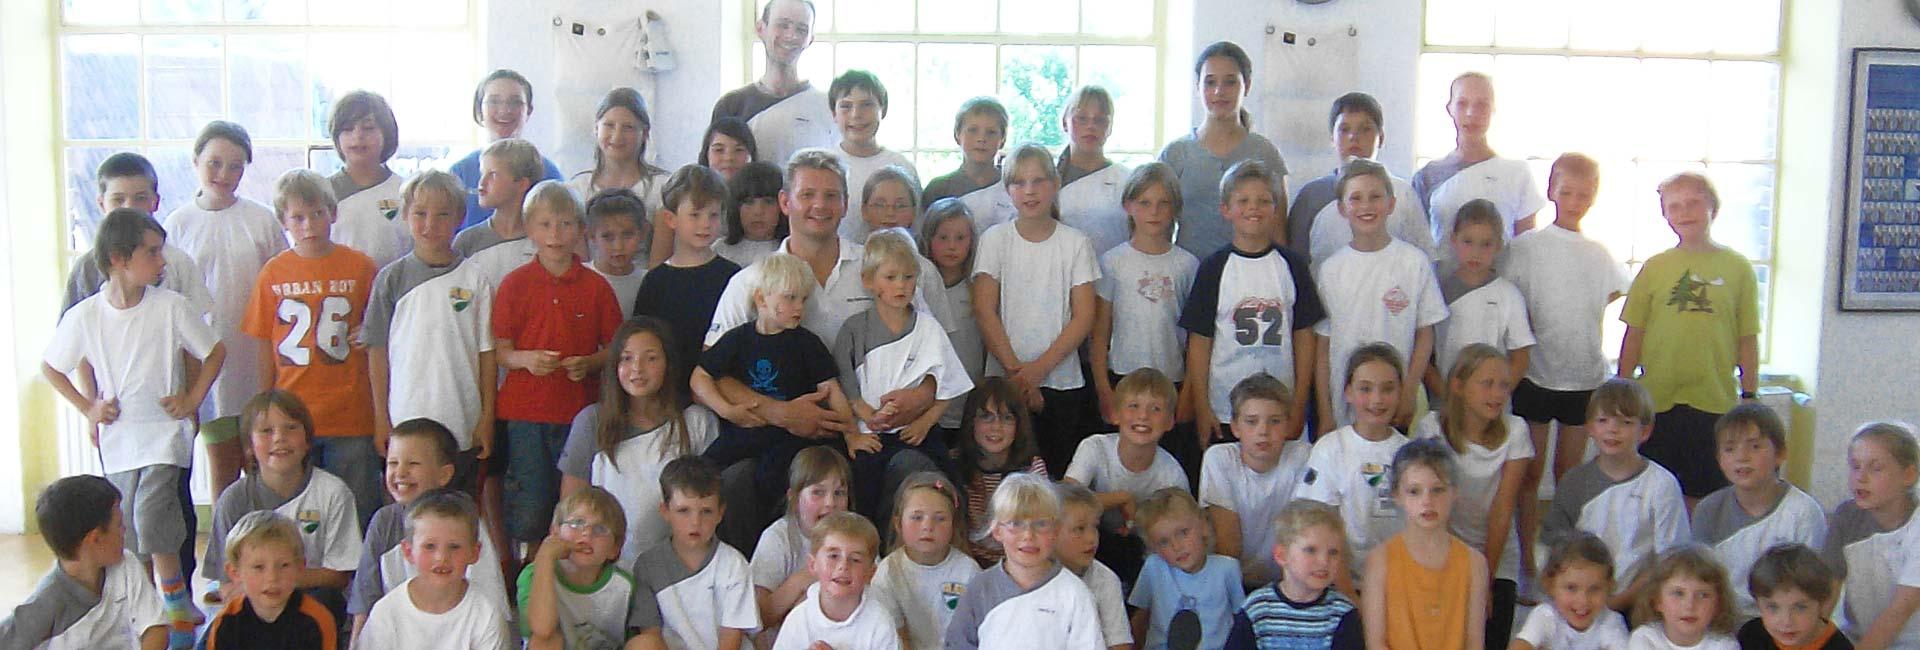 WingTsun Kindergruppe im Dorfgemeinschaftshaus Groß Steinrade